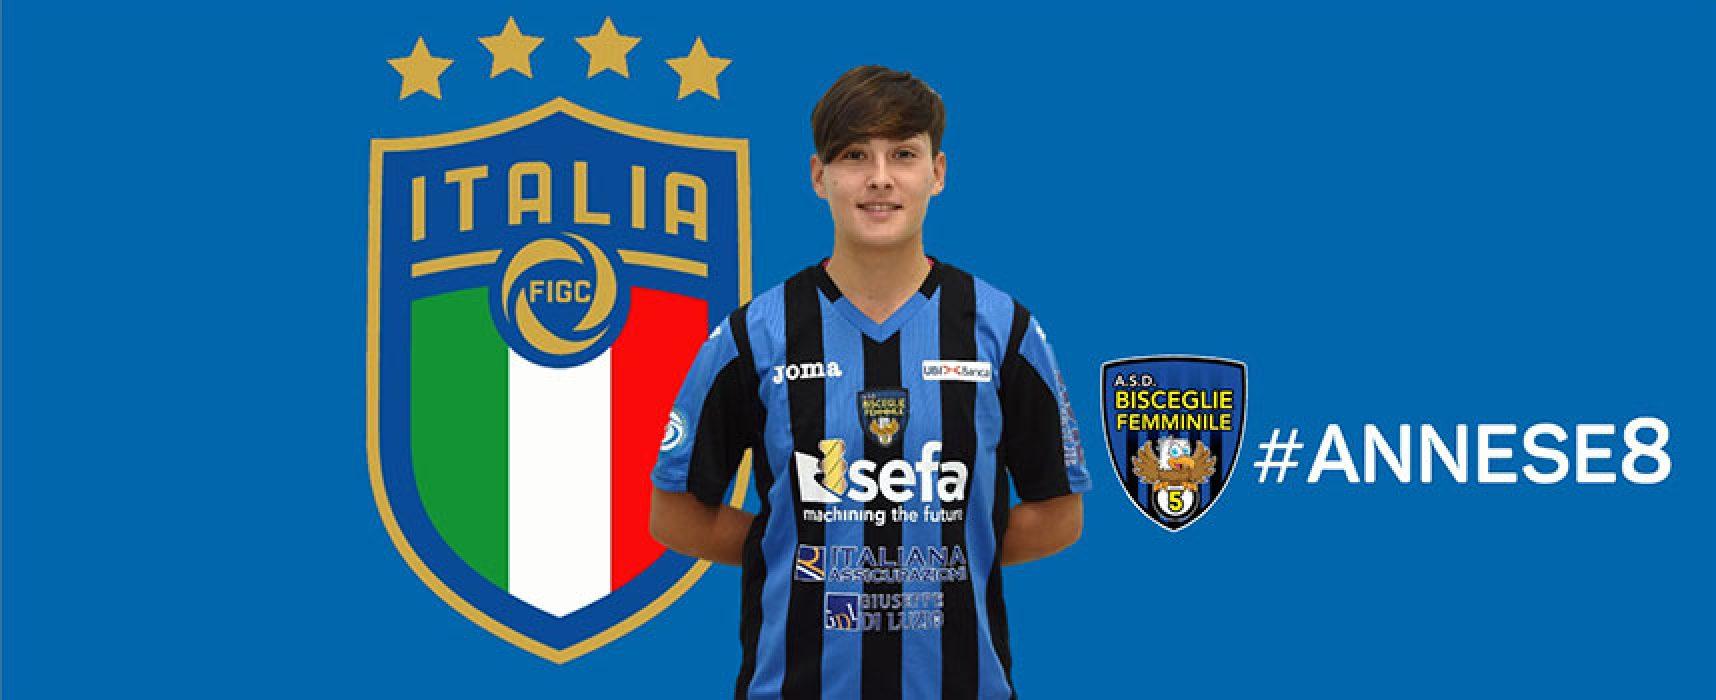 Annese (Bisceglie Femminile) convocata dalla Nazionale Italiana Femminile di Futsal